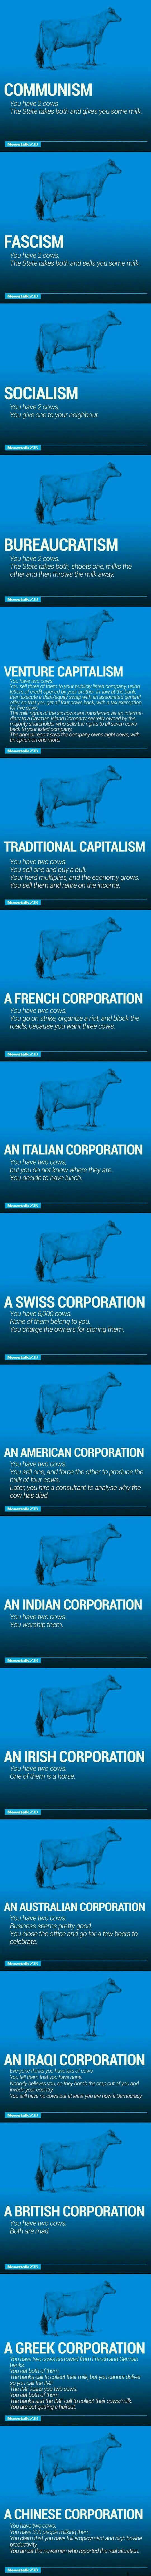 The cow-economics